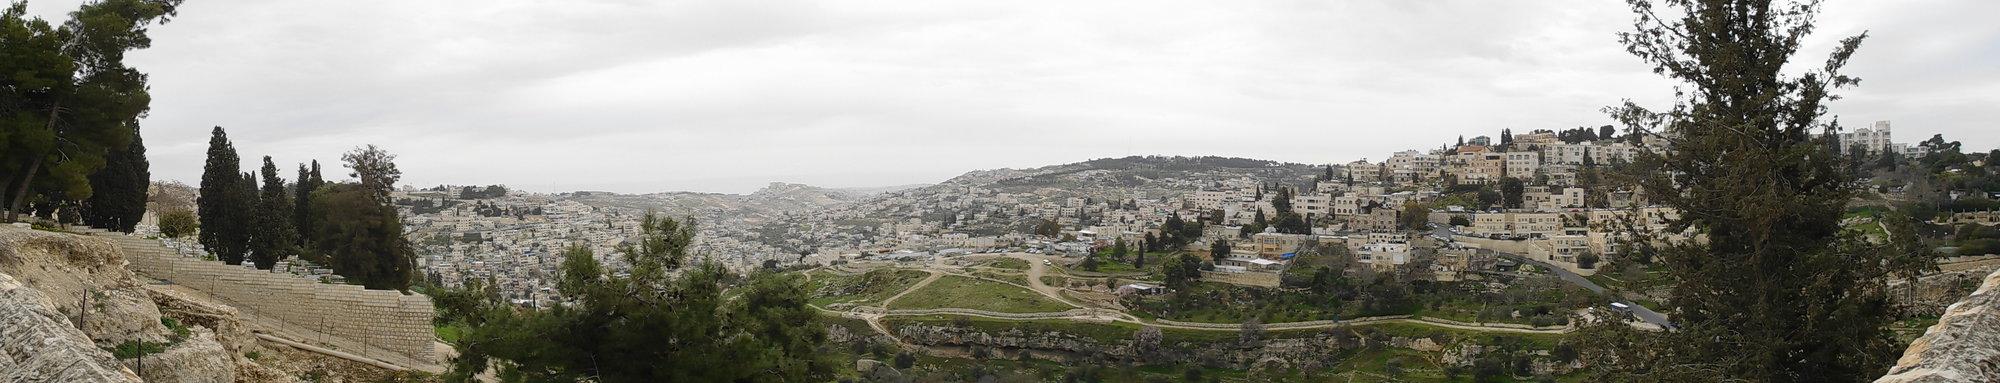 вид на Палестину с горы Сион